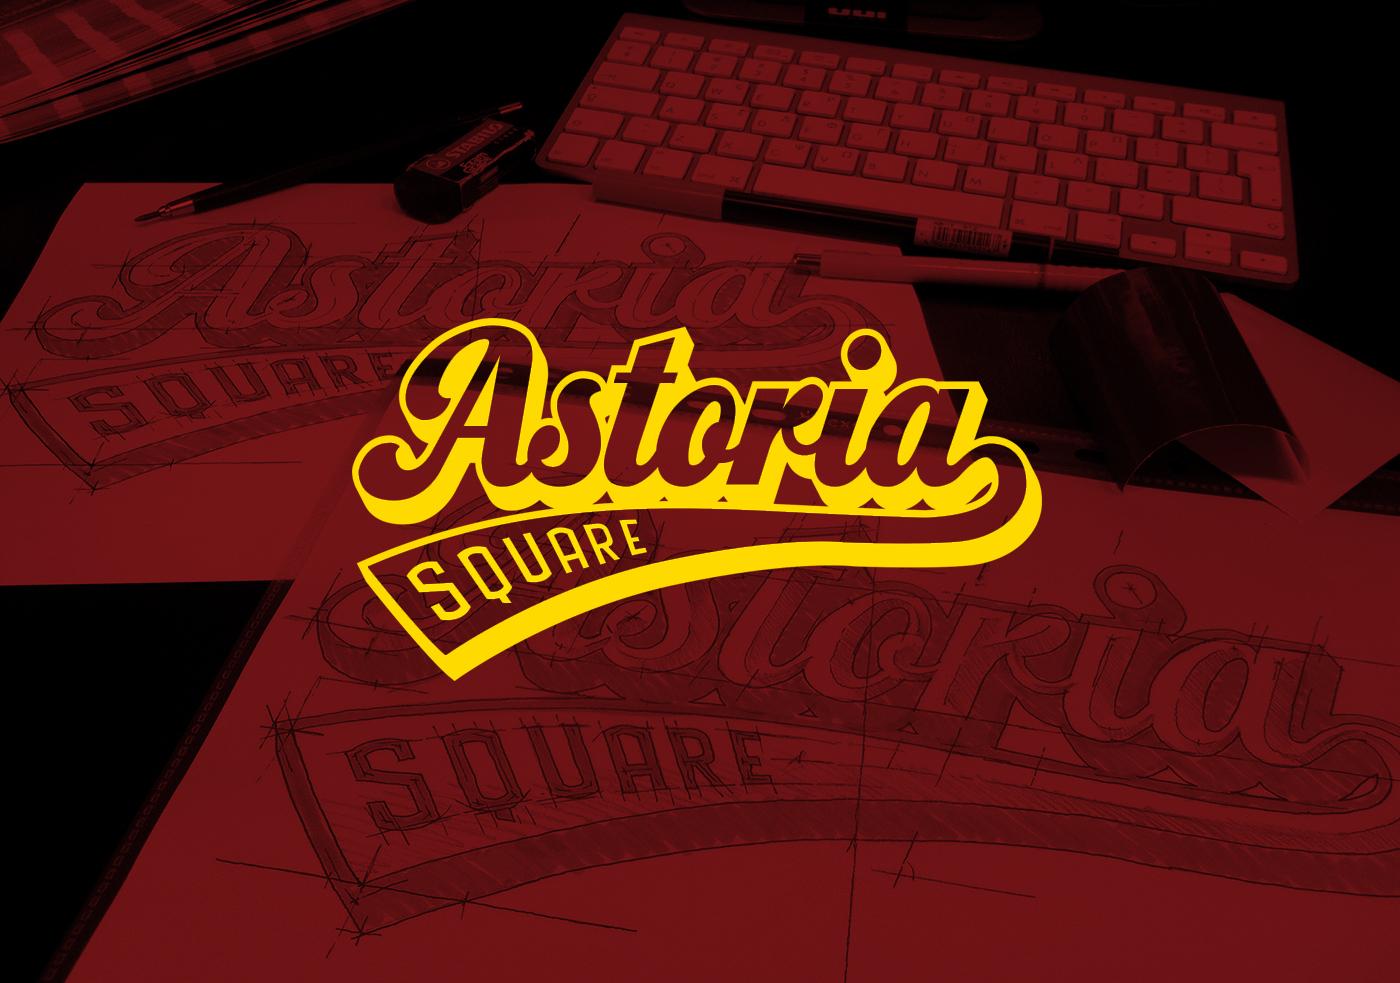 Astoria Square